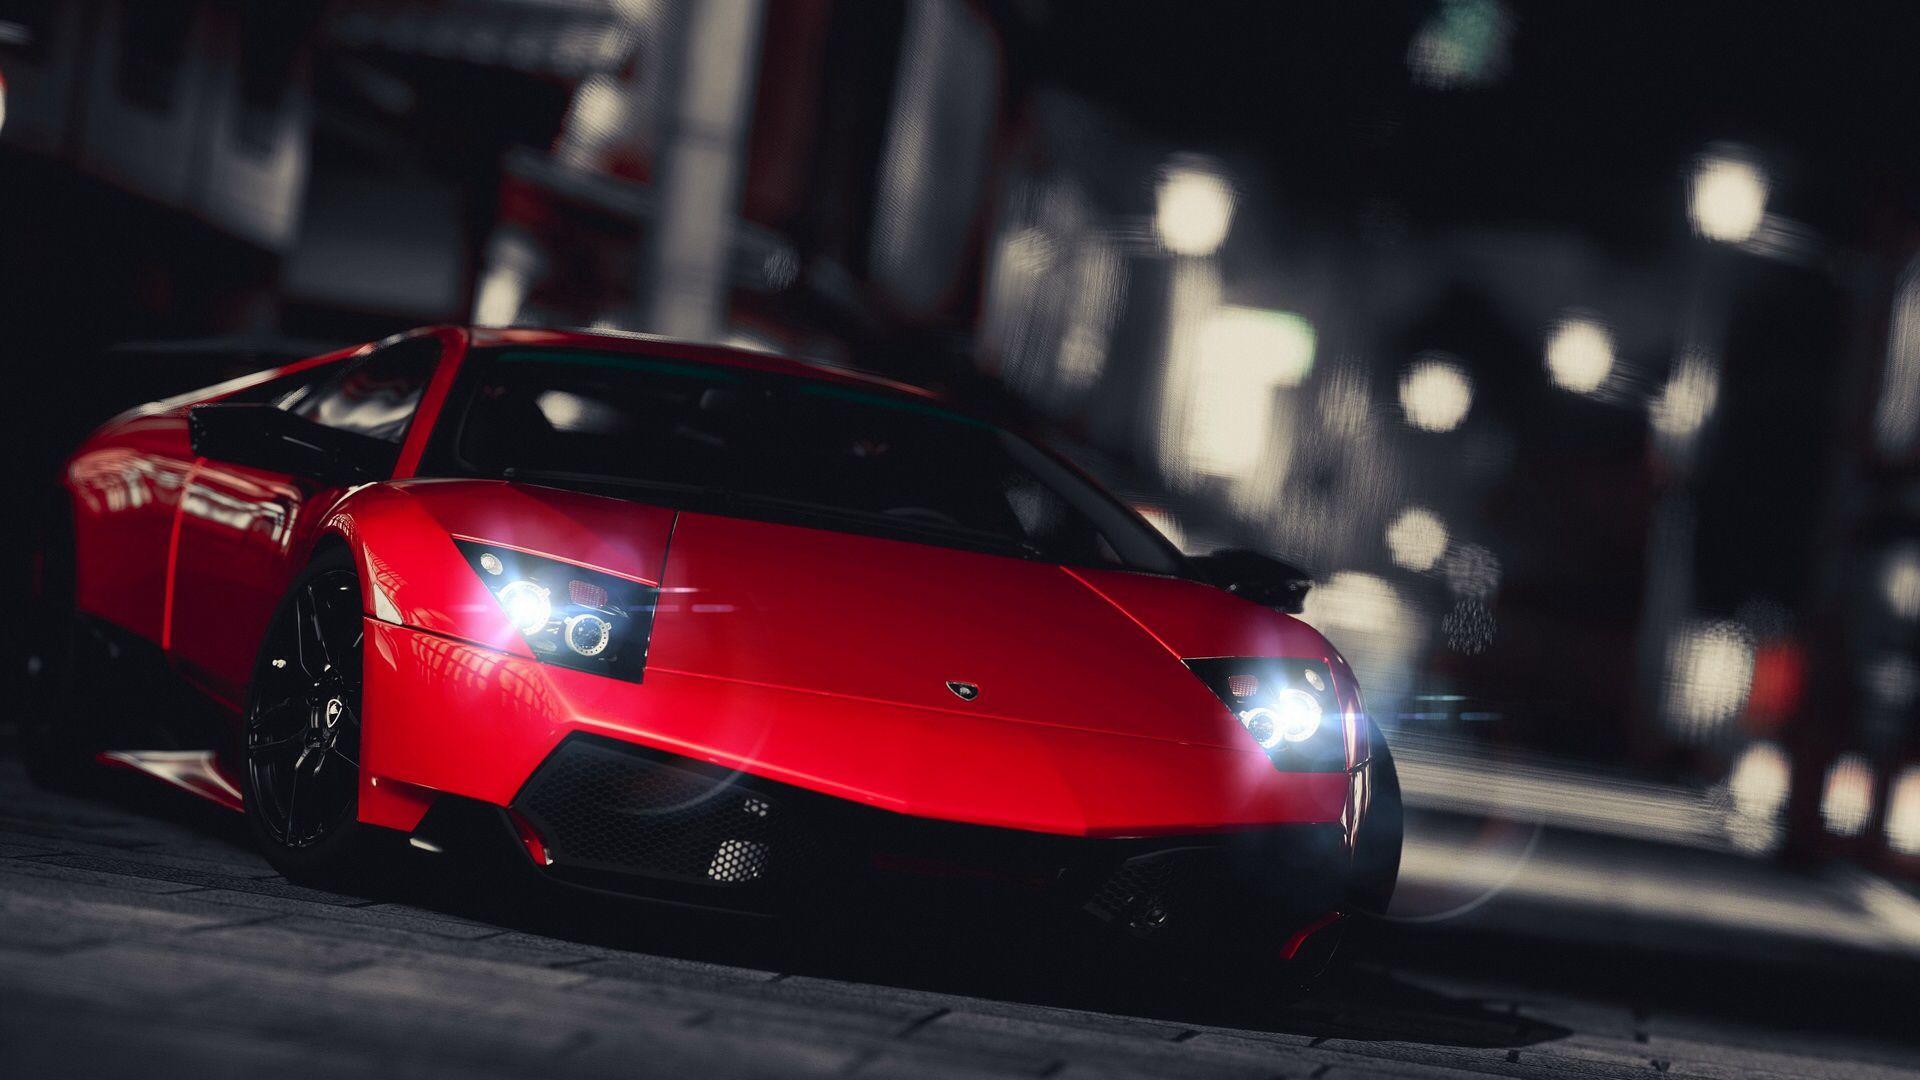 A View Of It At Night Red Lamborghini Lamborghini Cars